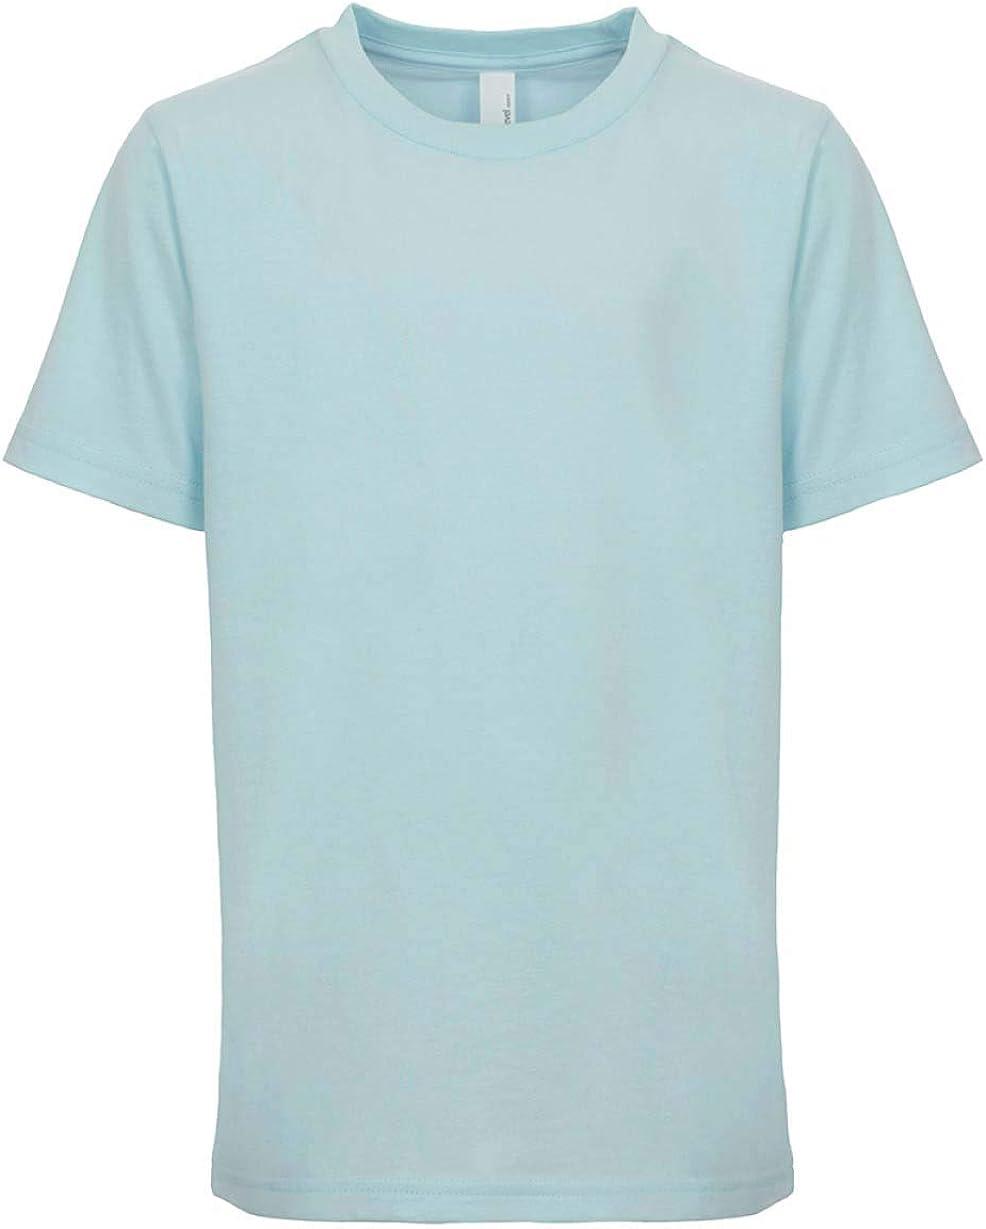 Next Level Kids Crew Neck T-Shirt Light Blue M